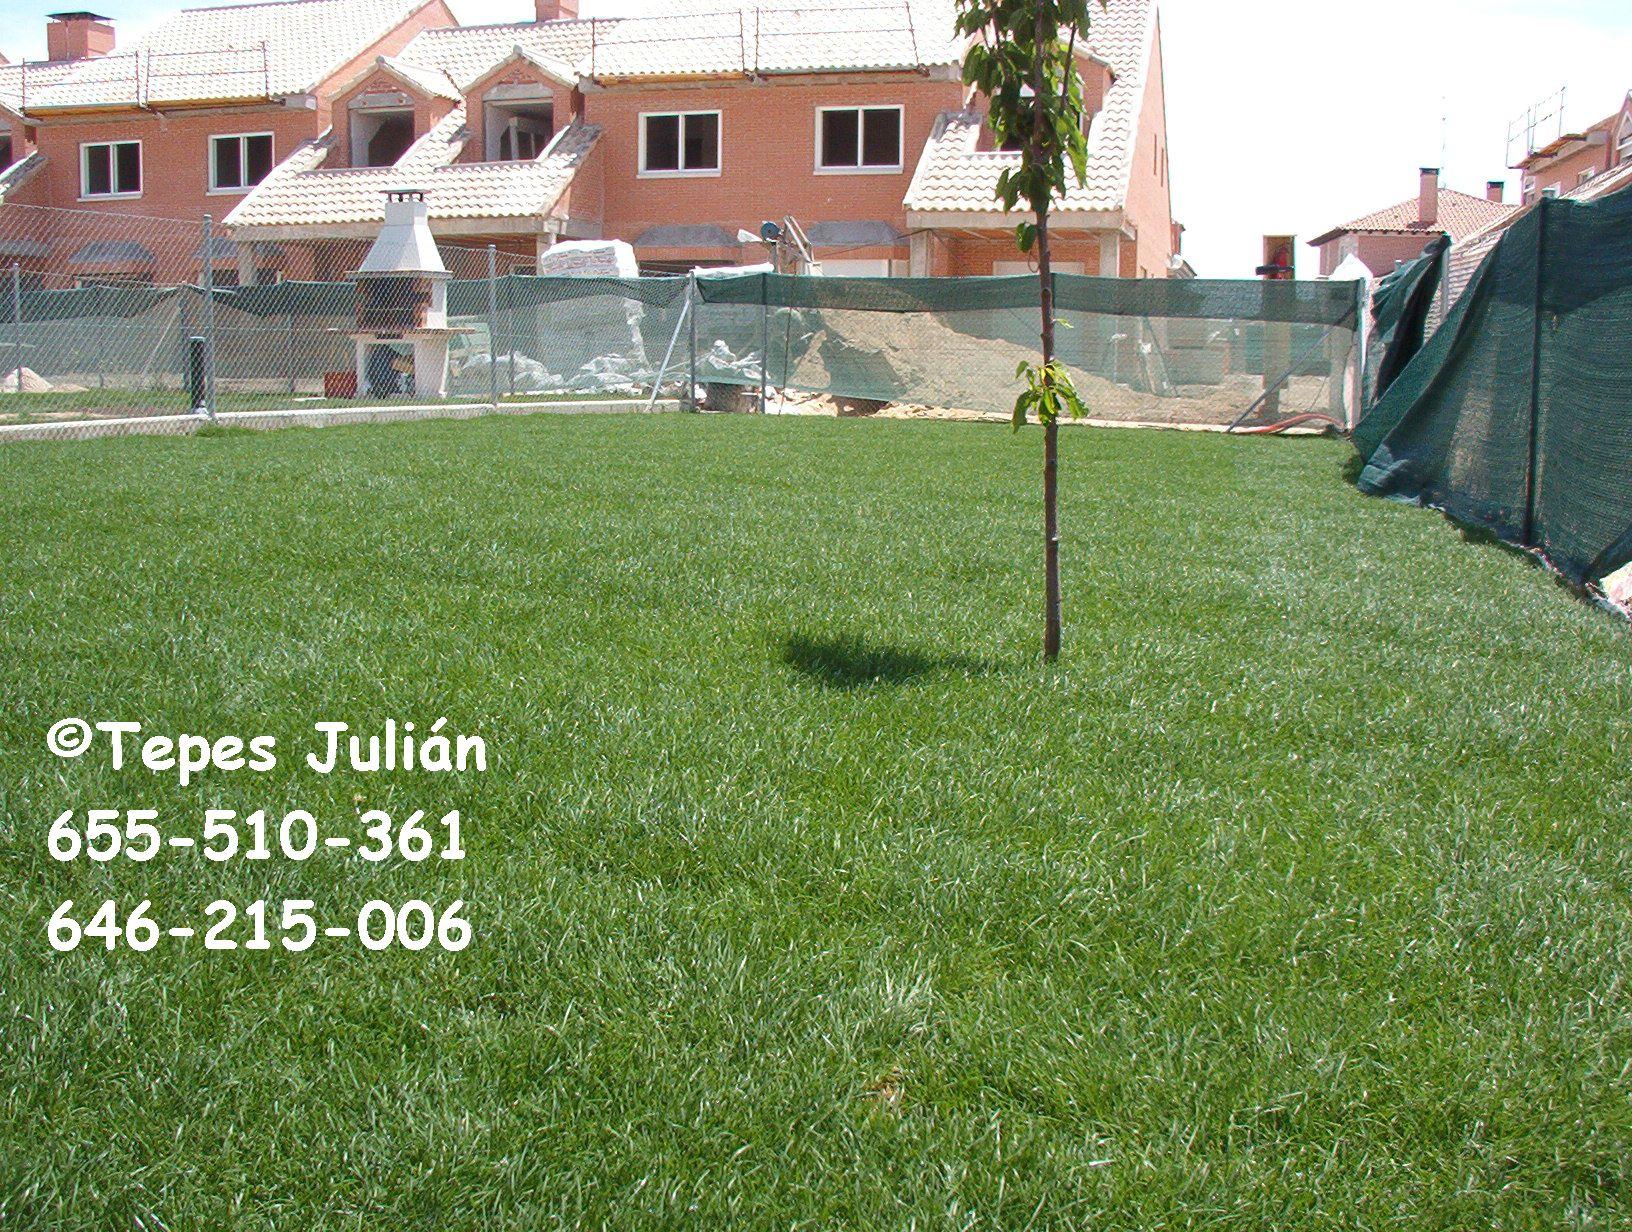 El jardin perfecto guia para plantar cesped paso a paso - Como plantar cesped en el jardin ...